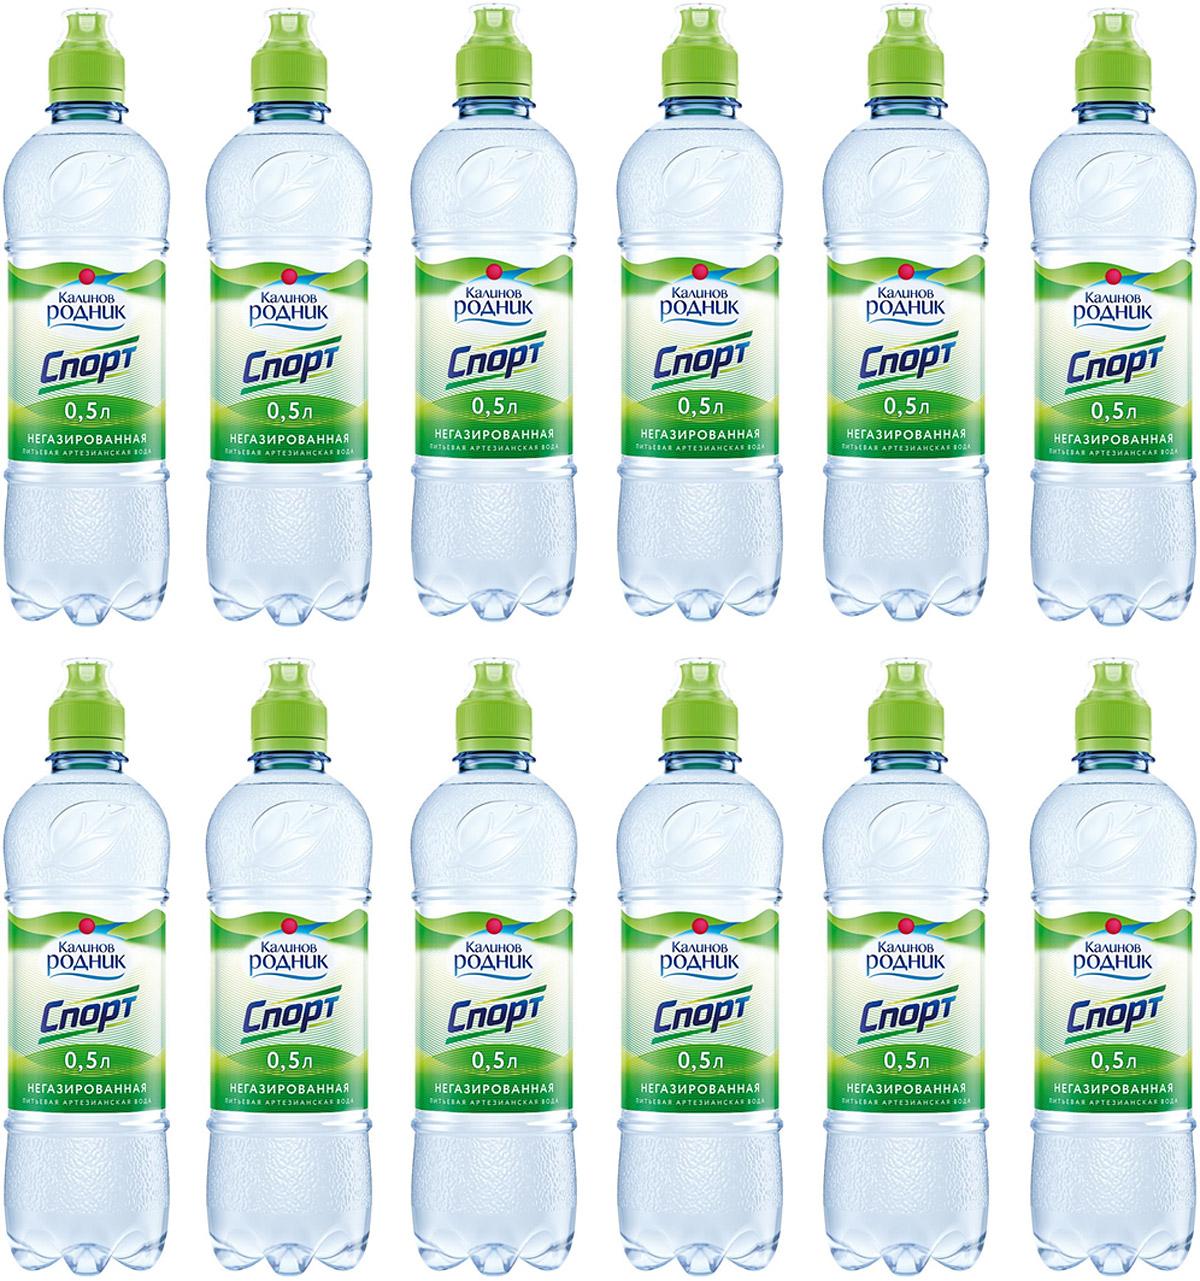 Фото Калинов Родник питьевая артезианская негазированная вода с дозатором, 12 шт по 0,5 л. Купить  в РФ